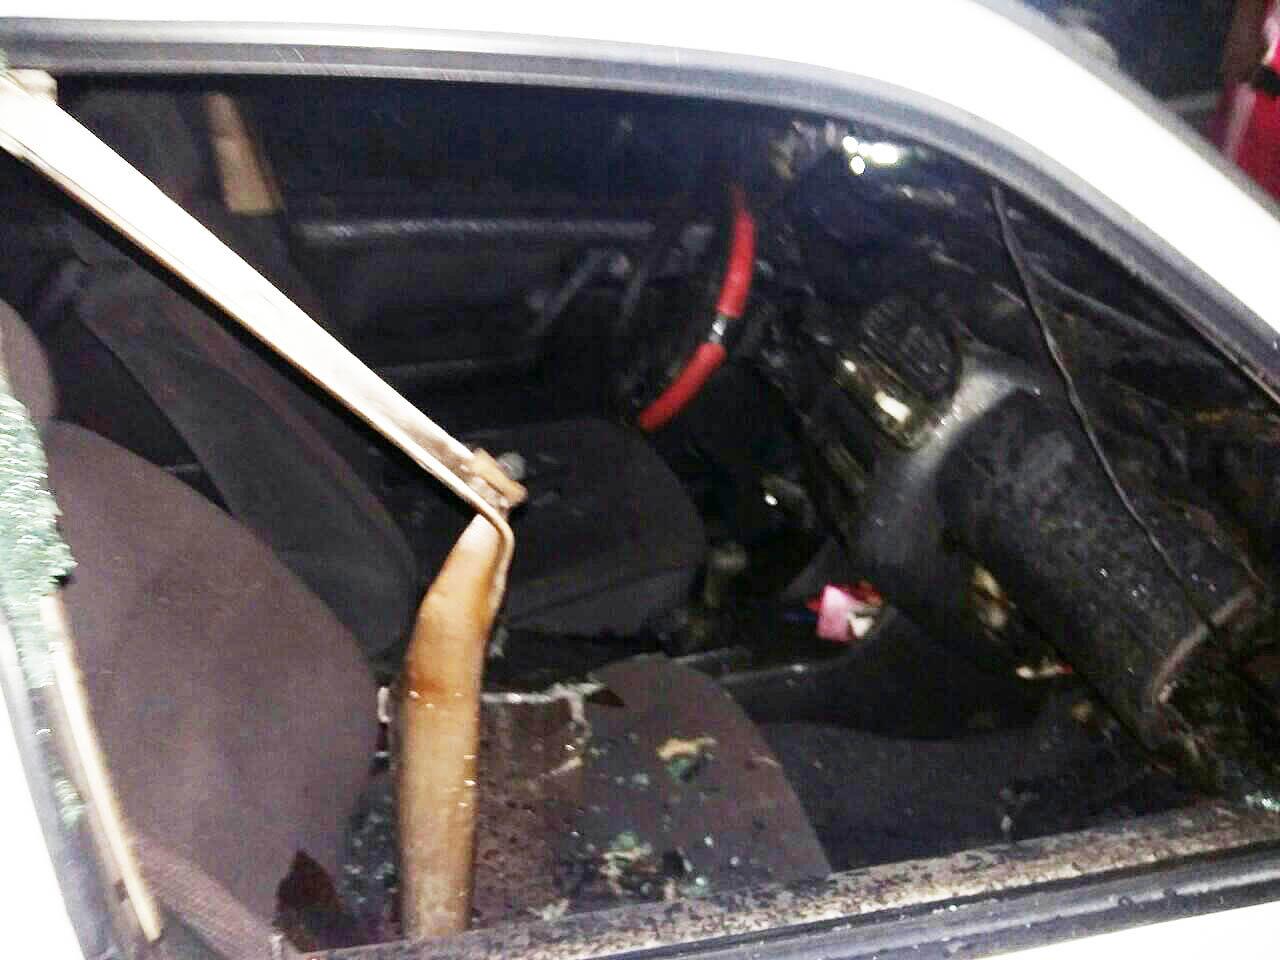 Закарпатському активісту спалили дві машини - поліція відкрила кримінальне провадження (ФОТО), фото-4